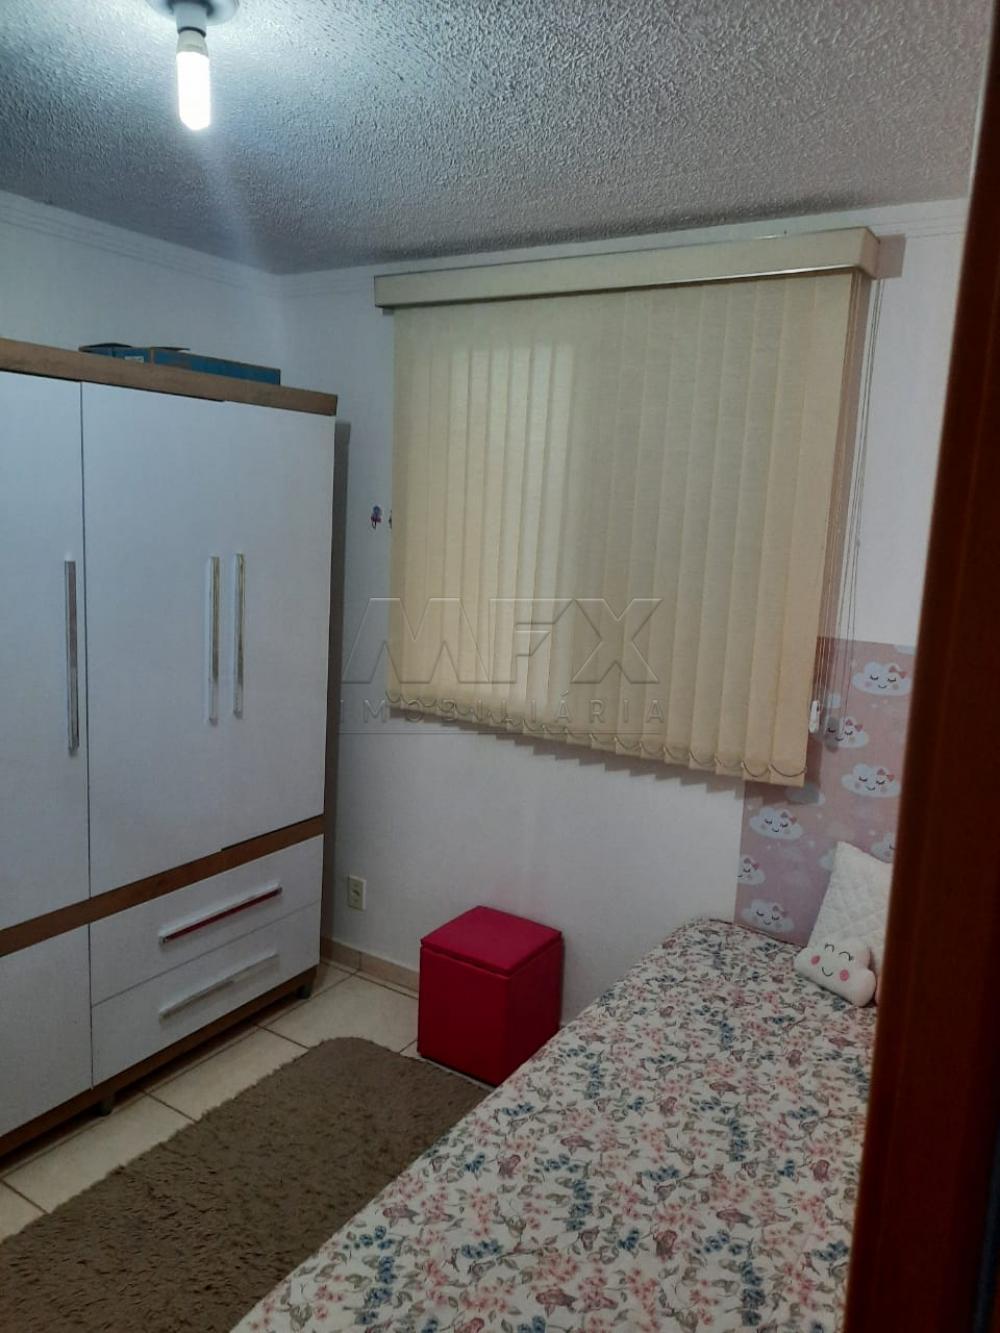 Comprar Apartamento / Padrão em Bauru R$ 180.000,00 - Foto 9